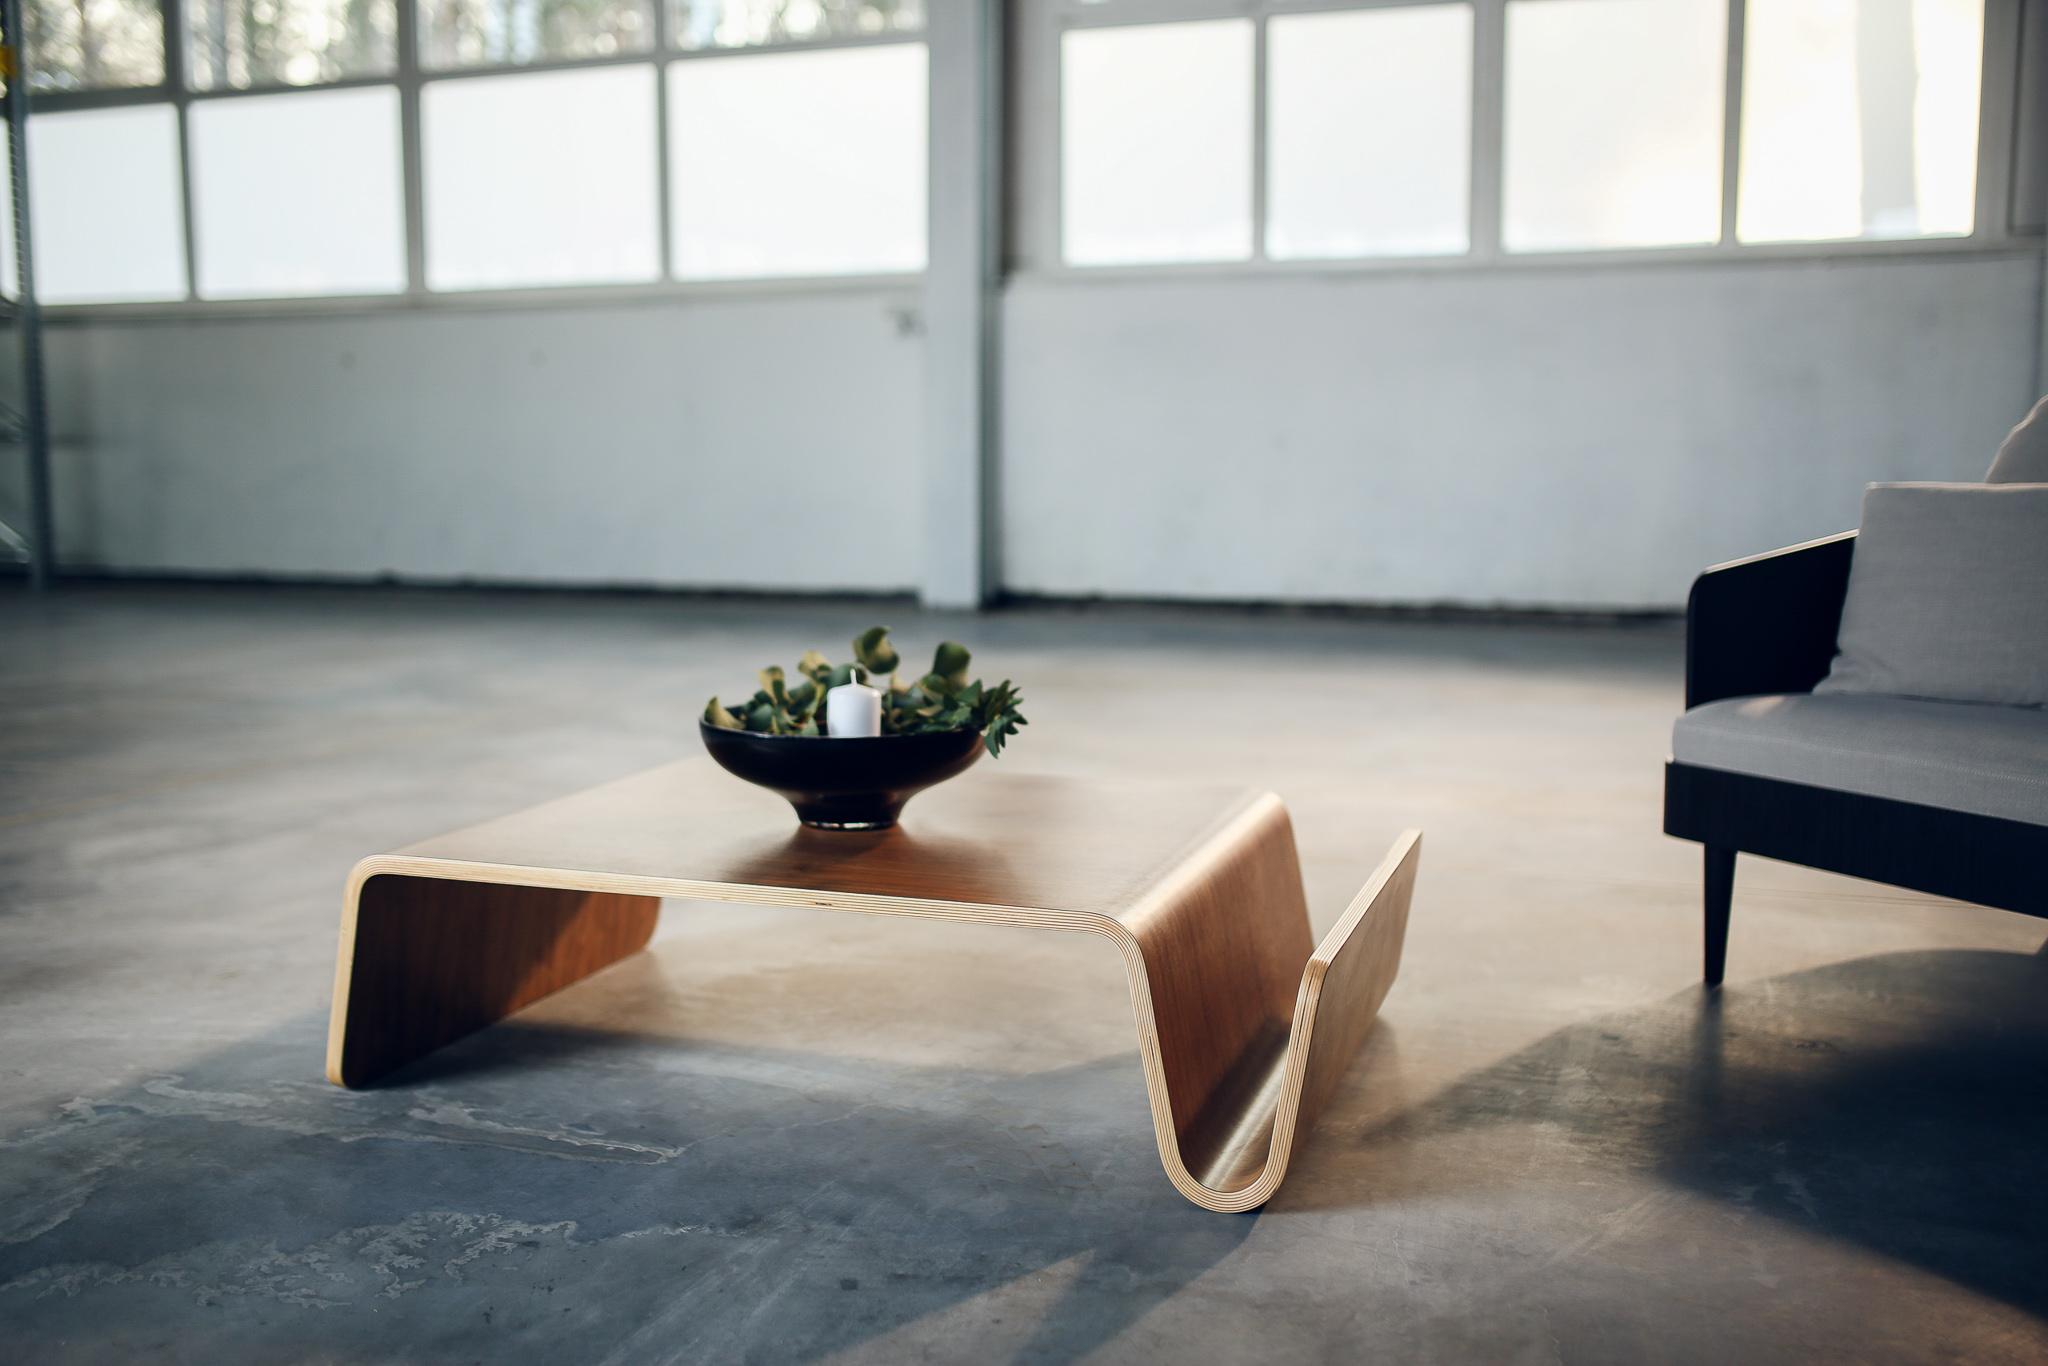 Dižozols bent wood design tables (5)